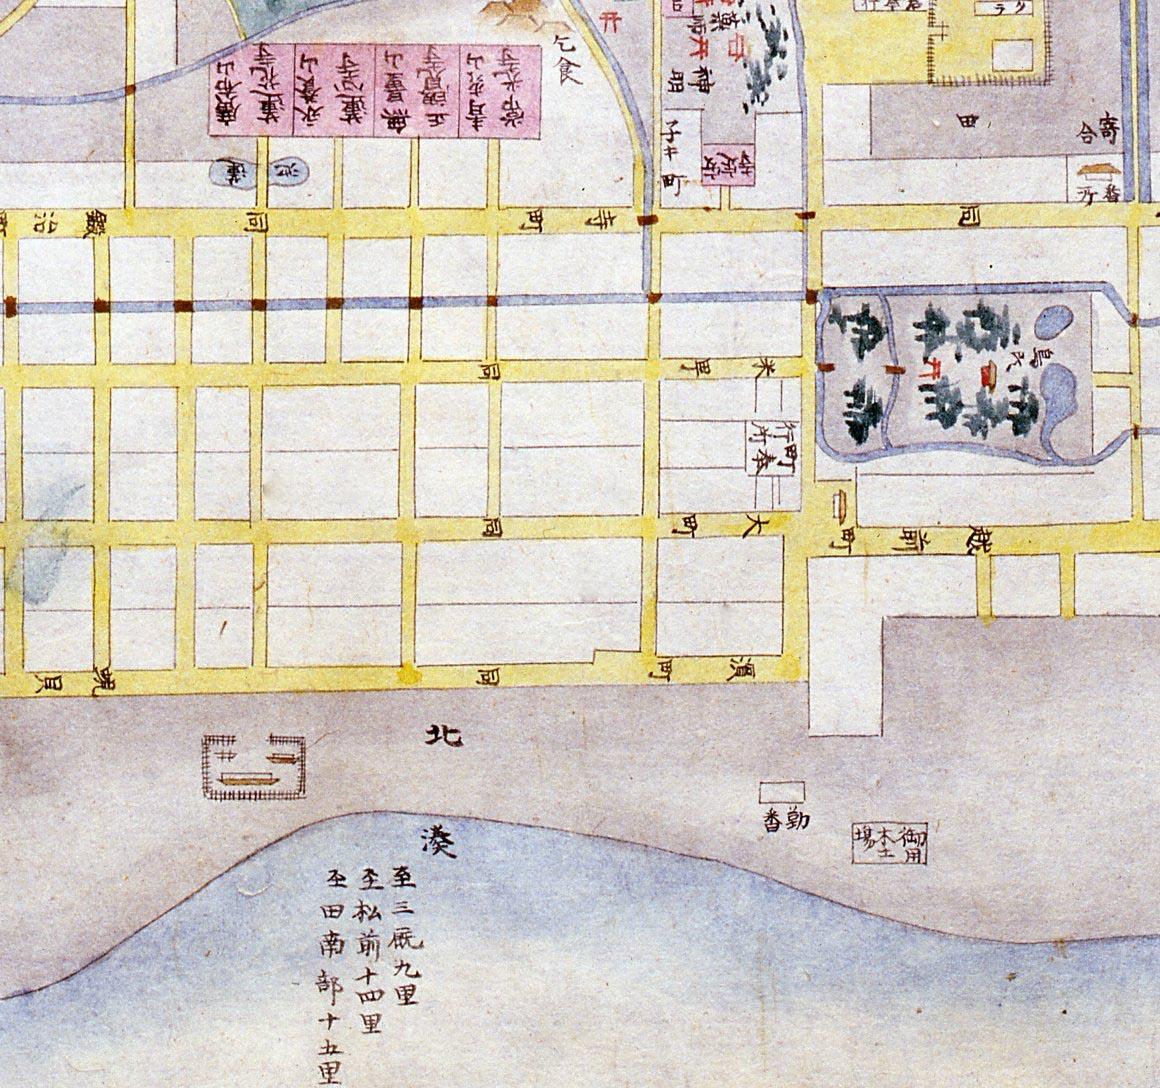 ふるさとの宝物 第184回 九浦外町絵図